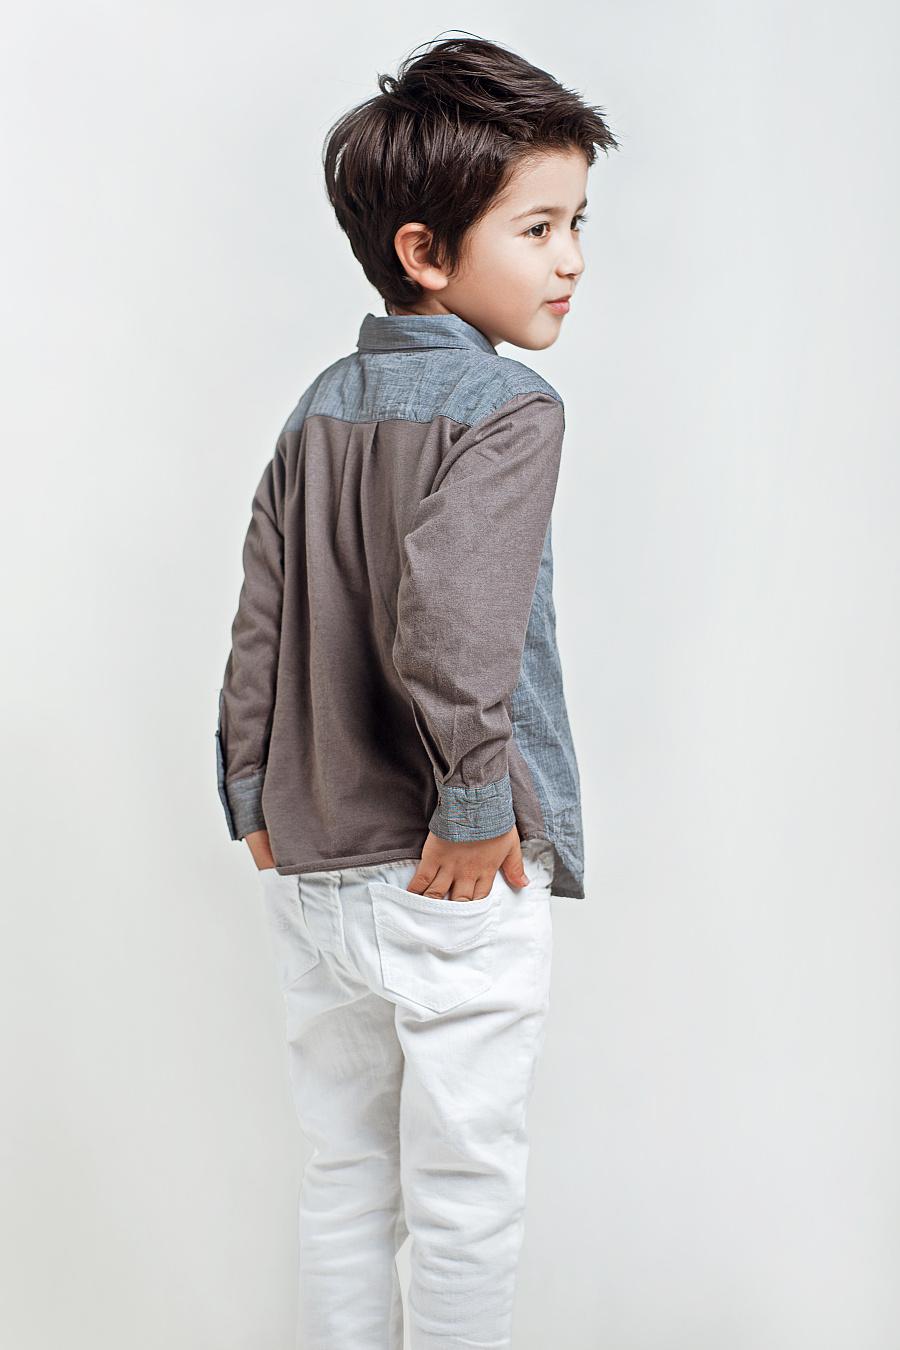 儿童摄影摆拍姿势要注意几点?